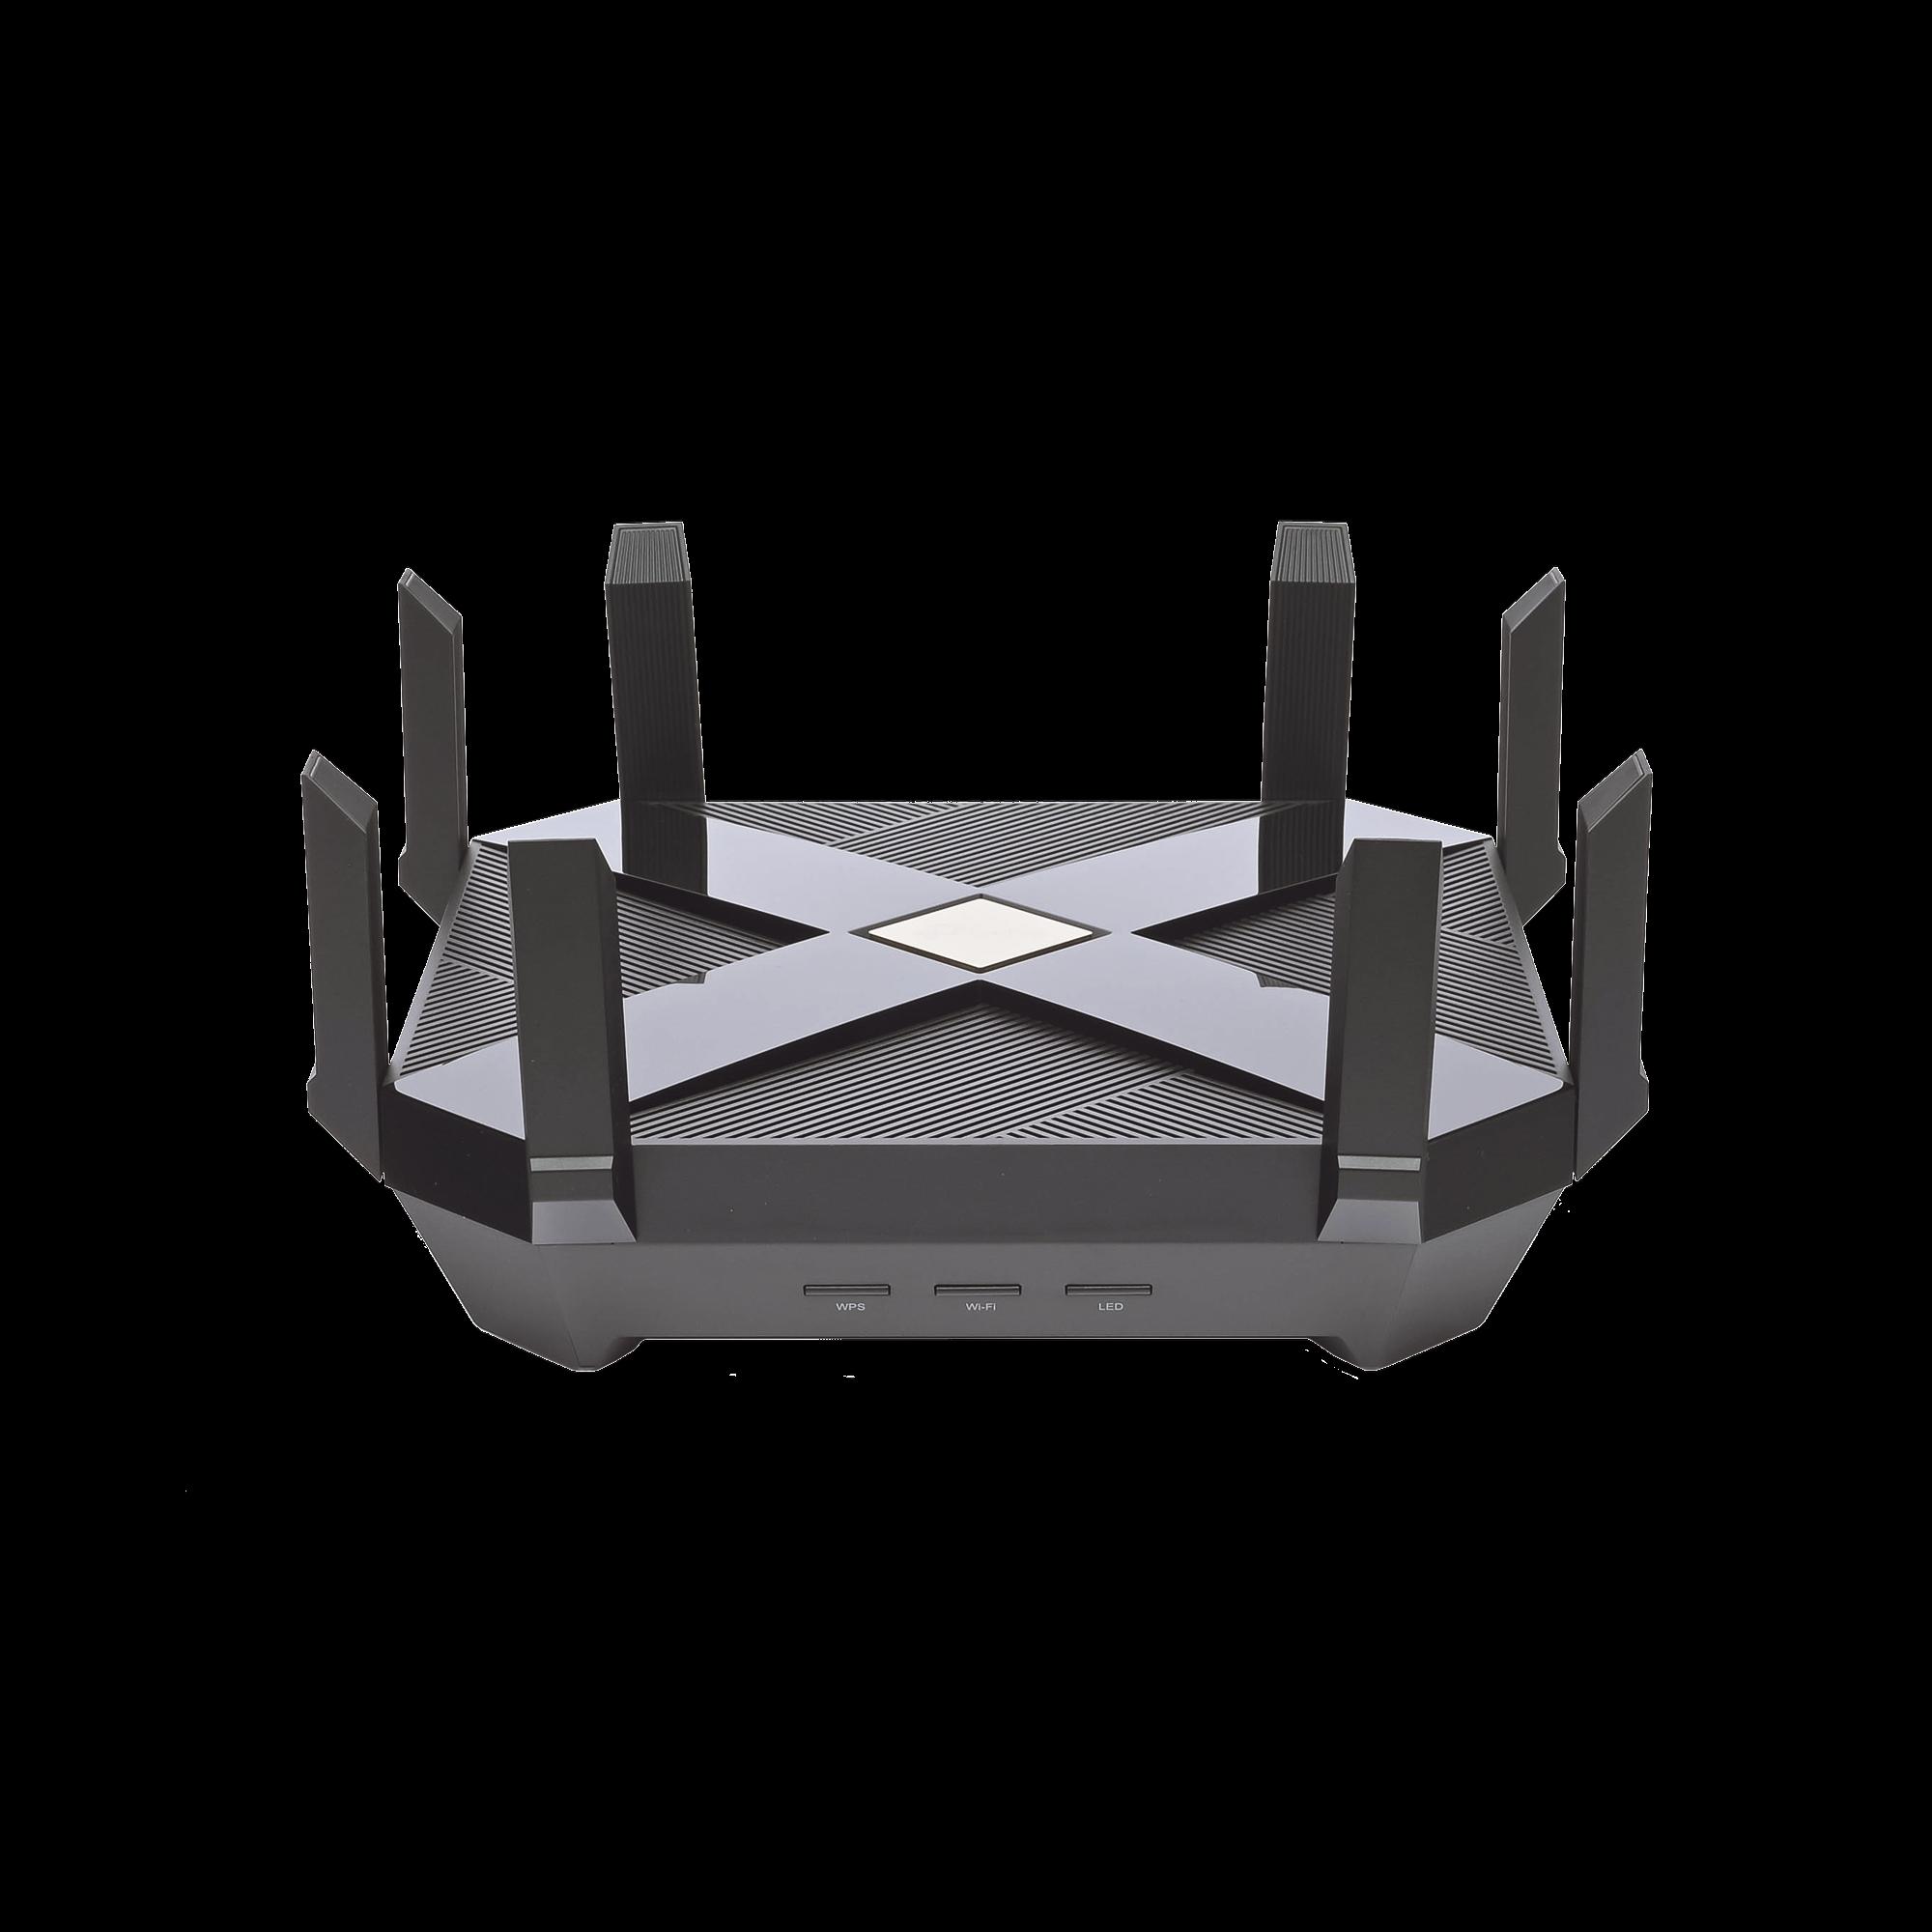 Router de juegos de banda triple AX6000 MU-MIMO 1 puerto WAN 2.5G, 2G, 1G, 100Mbps y 8 puertos LAN 10/100/1000 Mbps, 2 puerto USB 3.0 y 8 antenas.